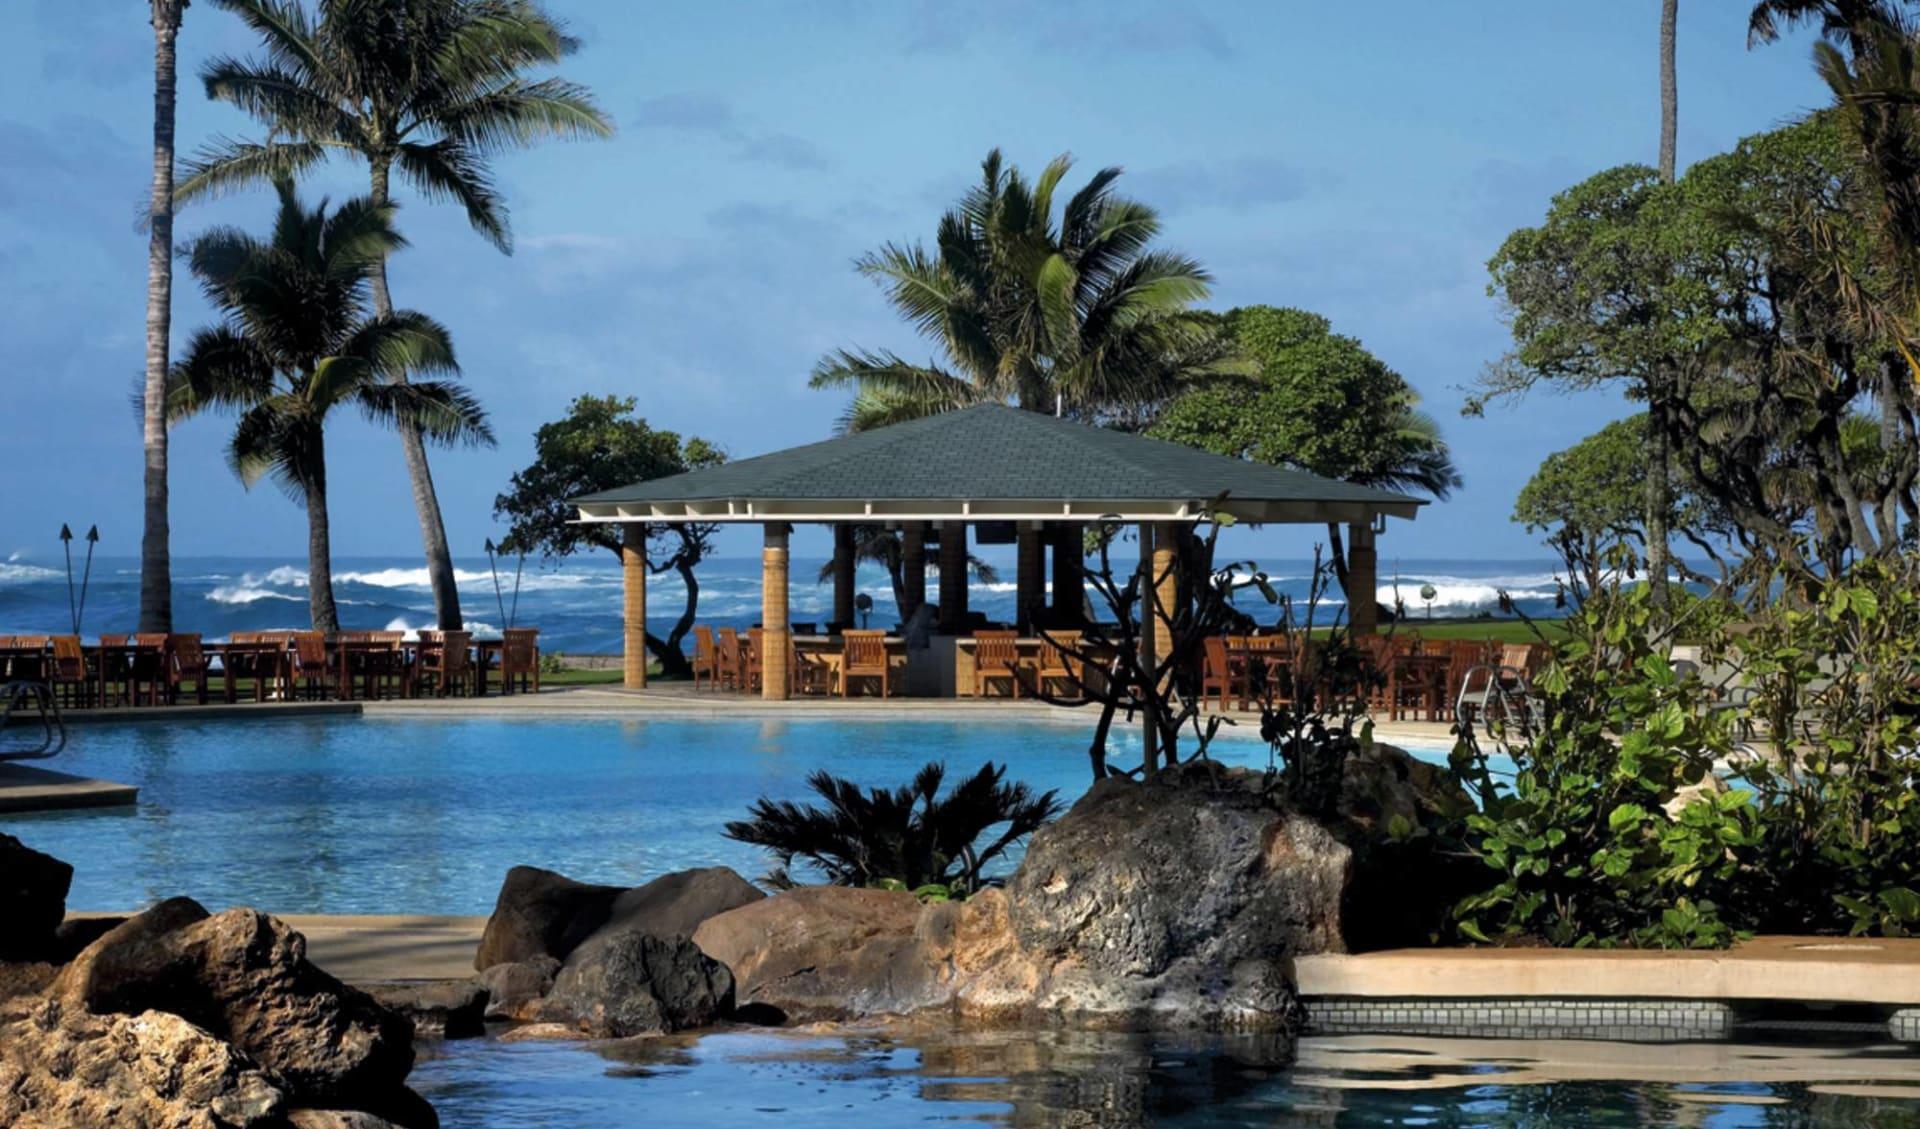 Turtle Bay Resort in Kahuku - Oahu: pool turtle bay resort poolbereich meer palmen